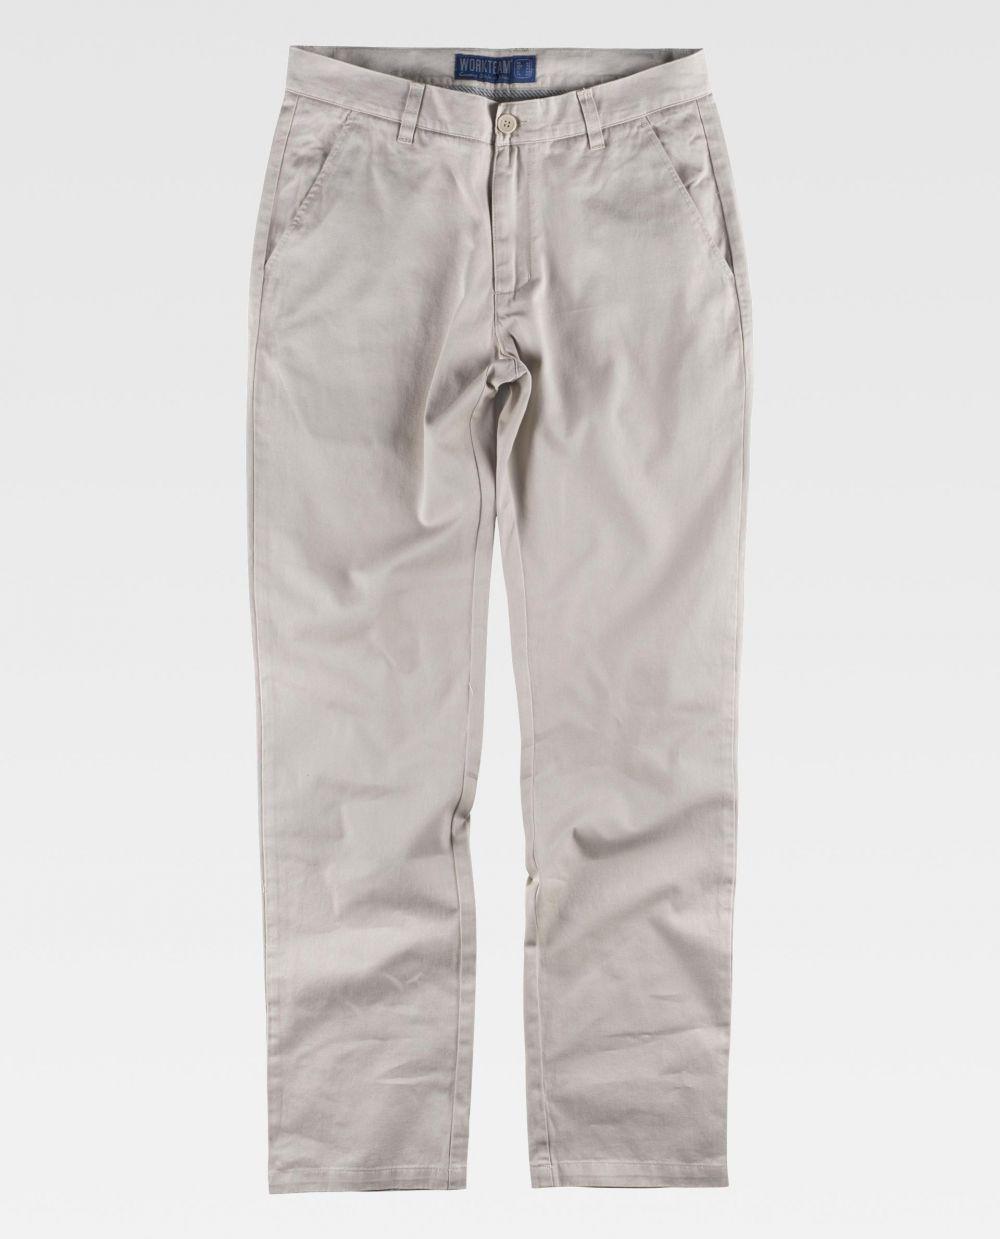 Pantalones de trabajo workteam b4020 de 100% algodón vista 2